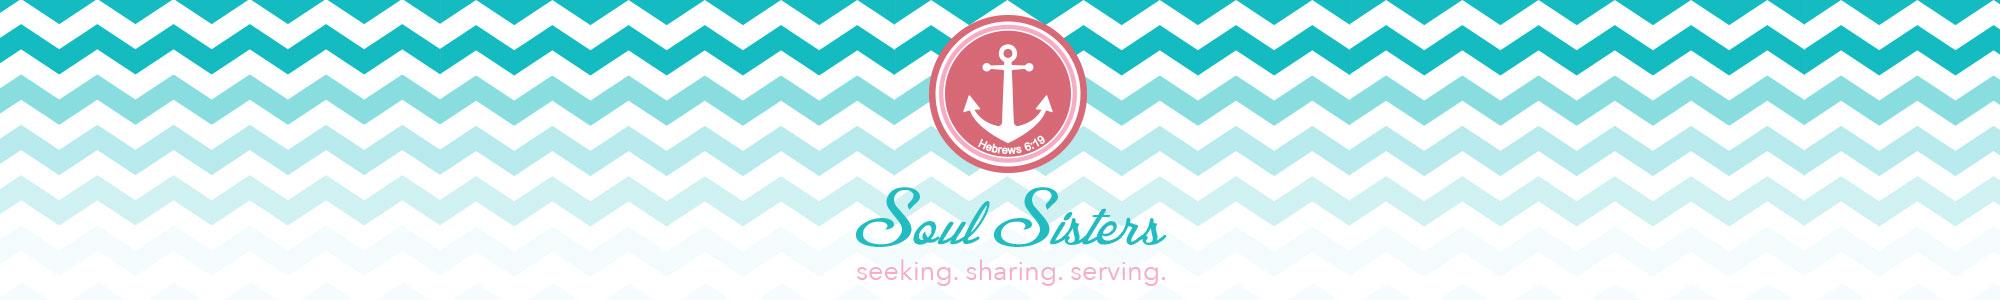 soul_sisters_header_300